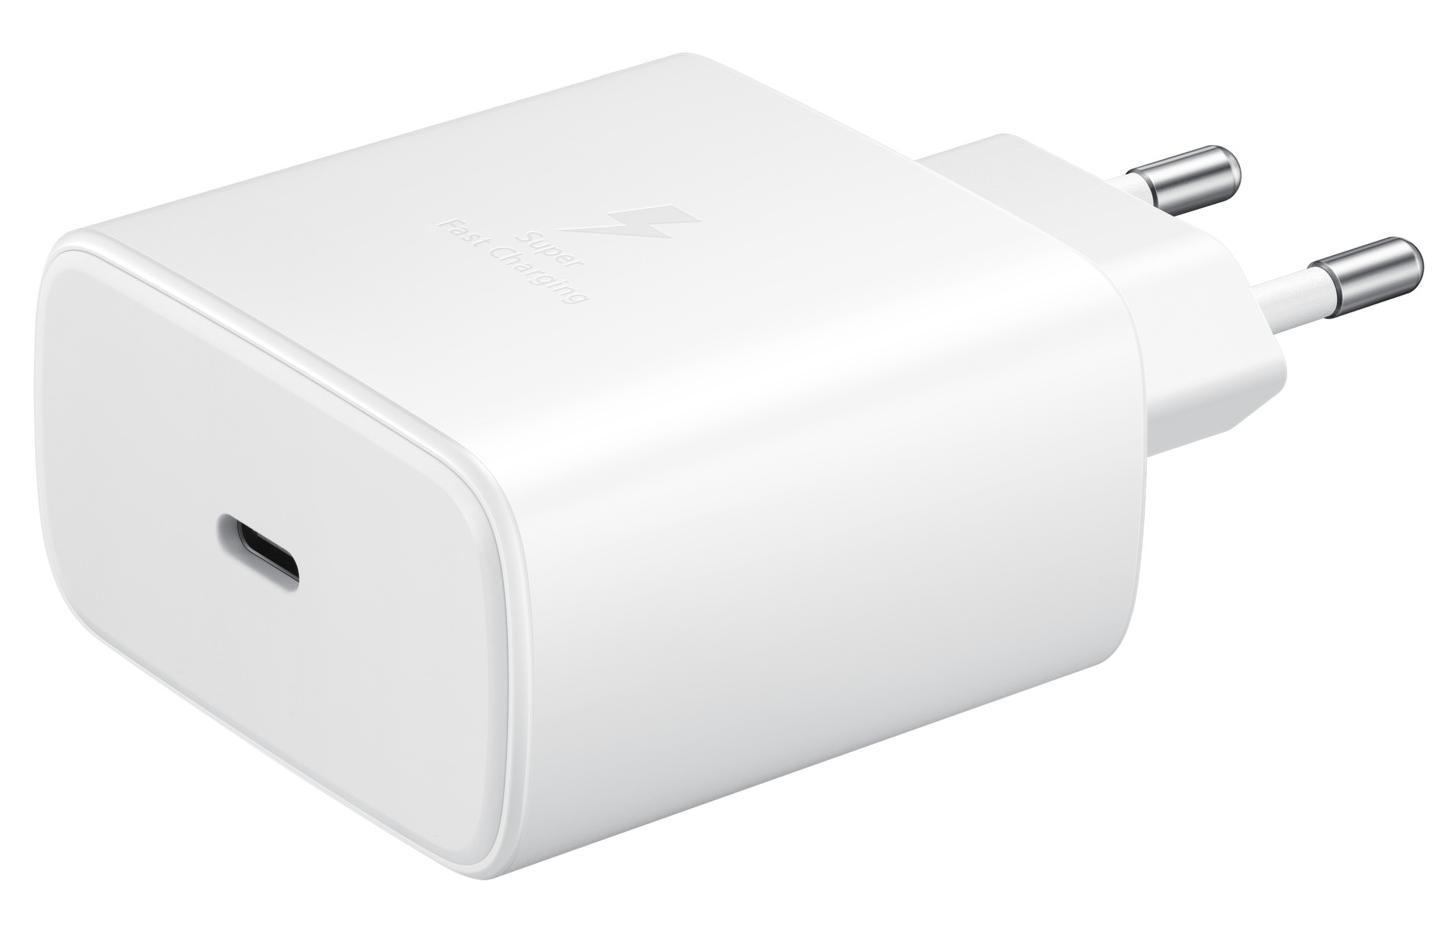 Сетевое зарядное устройство Samsung Fast Charging Type-C 45W (EP-TA845XWEGRU) White от Територія твоєї техніки - 6